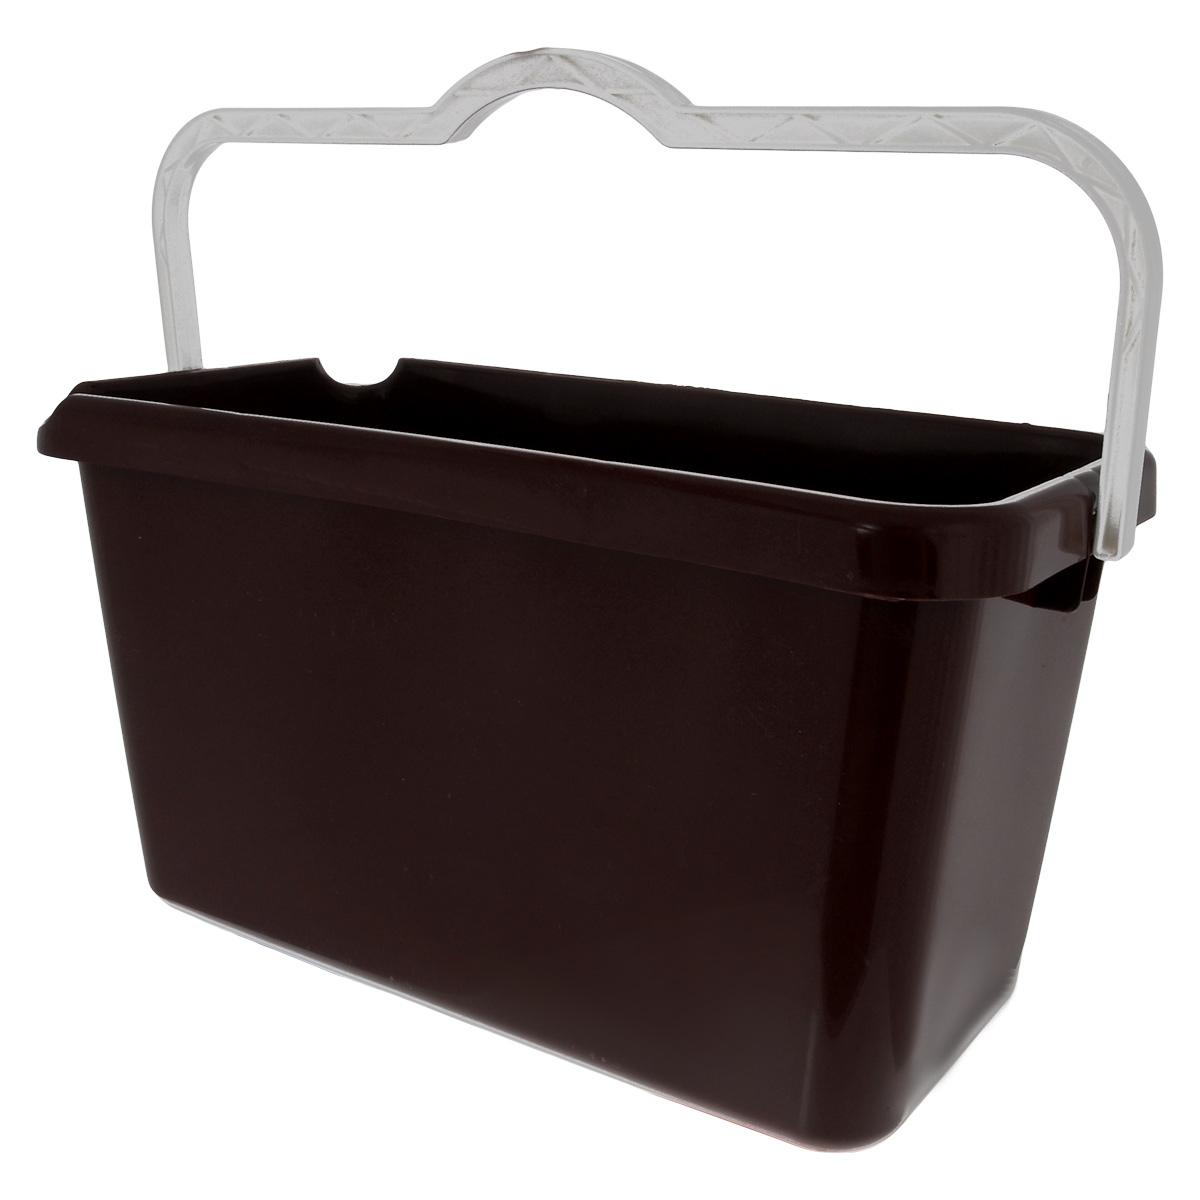 Ведро Альтернатива Эконом, прямоугольное, цвет: коричневый, 14 лM3078 коричневыйВедро Альтернатива Эконом изготовлено из высококачественного цветного пластика прямоугольной формы. Оно легче железного и не подвержено коррозии. Ведро оснащено удобной пластиковой ручкой и двумя носиками для удобного выливания воды. Такое ведро станет незаменимым помощником в хозяйстве.Уважаемые клиенты! Обращаем ваше внимание на цветовой ассортимент товара. Поставка осуществляется в зависимости от наличия на складе.